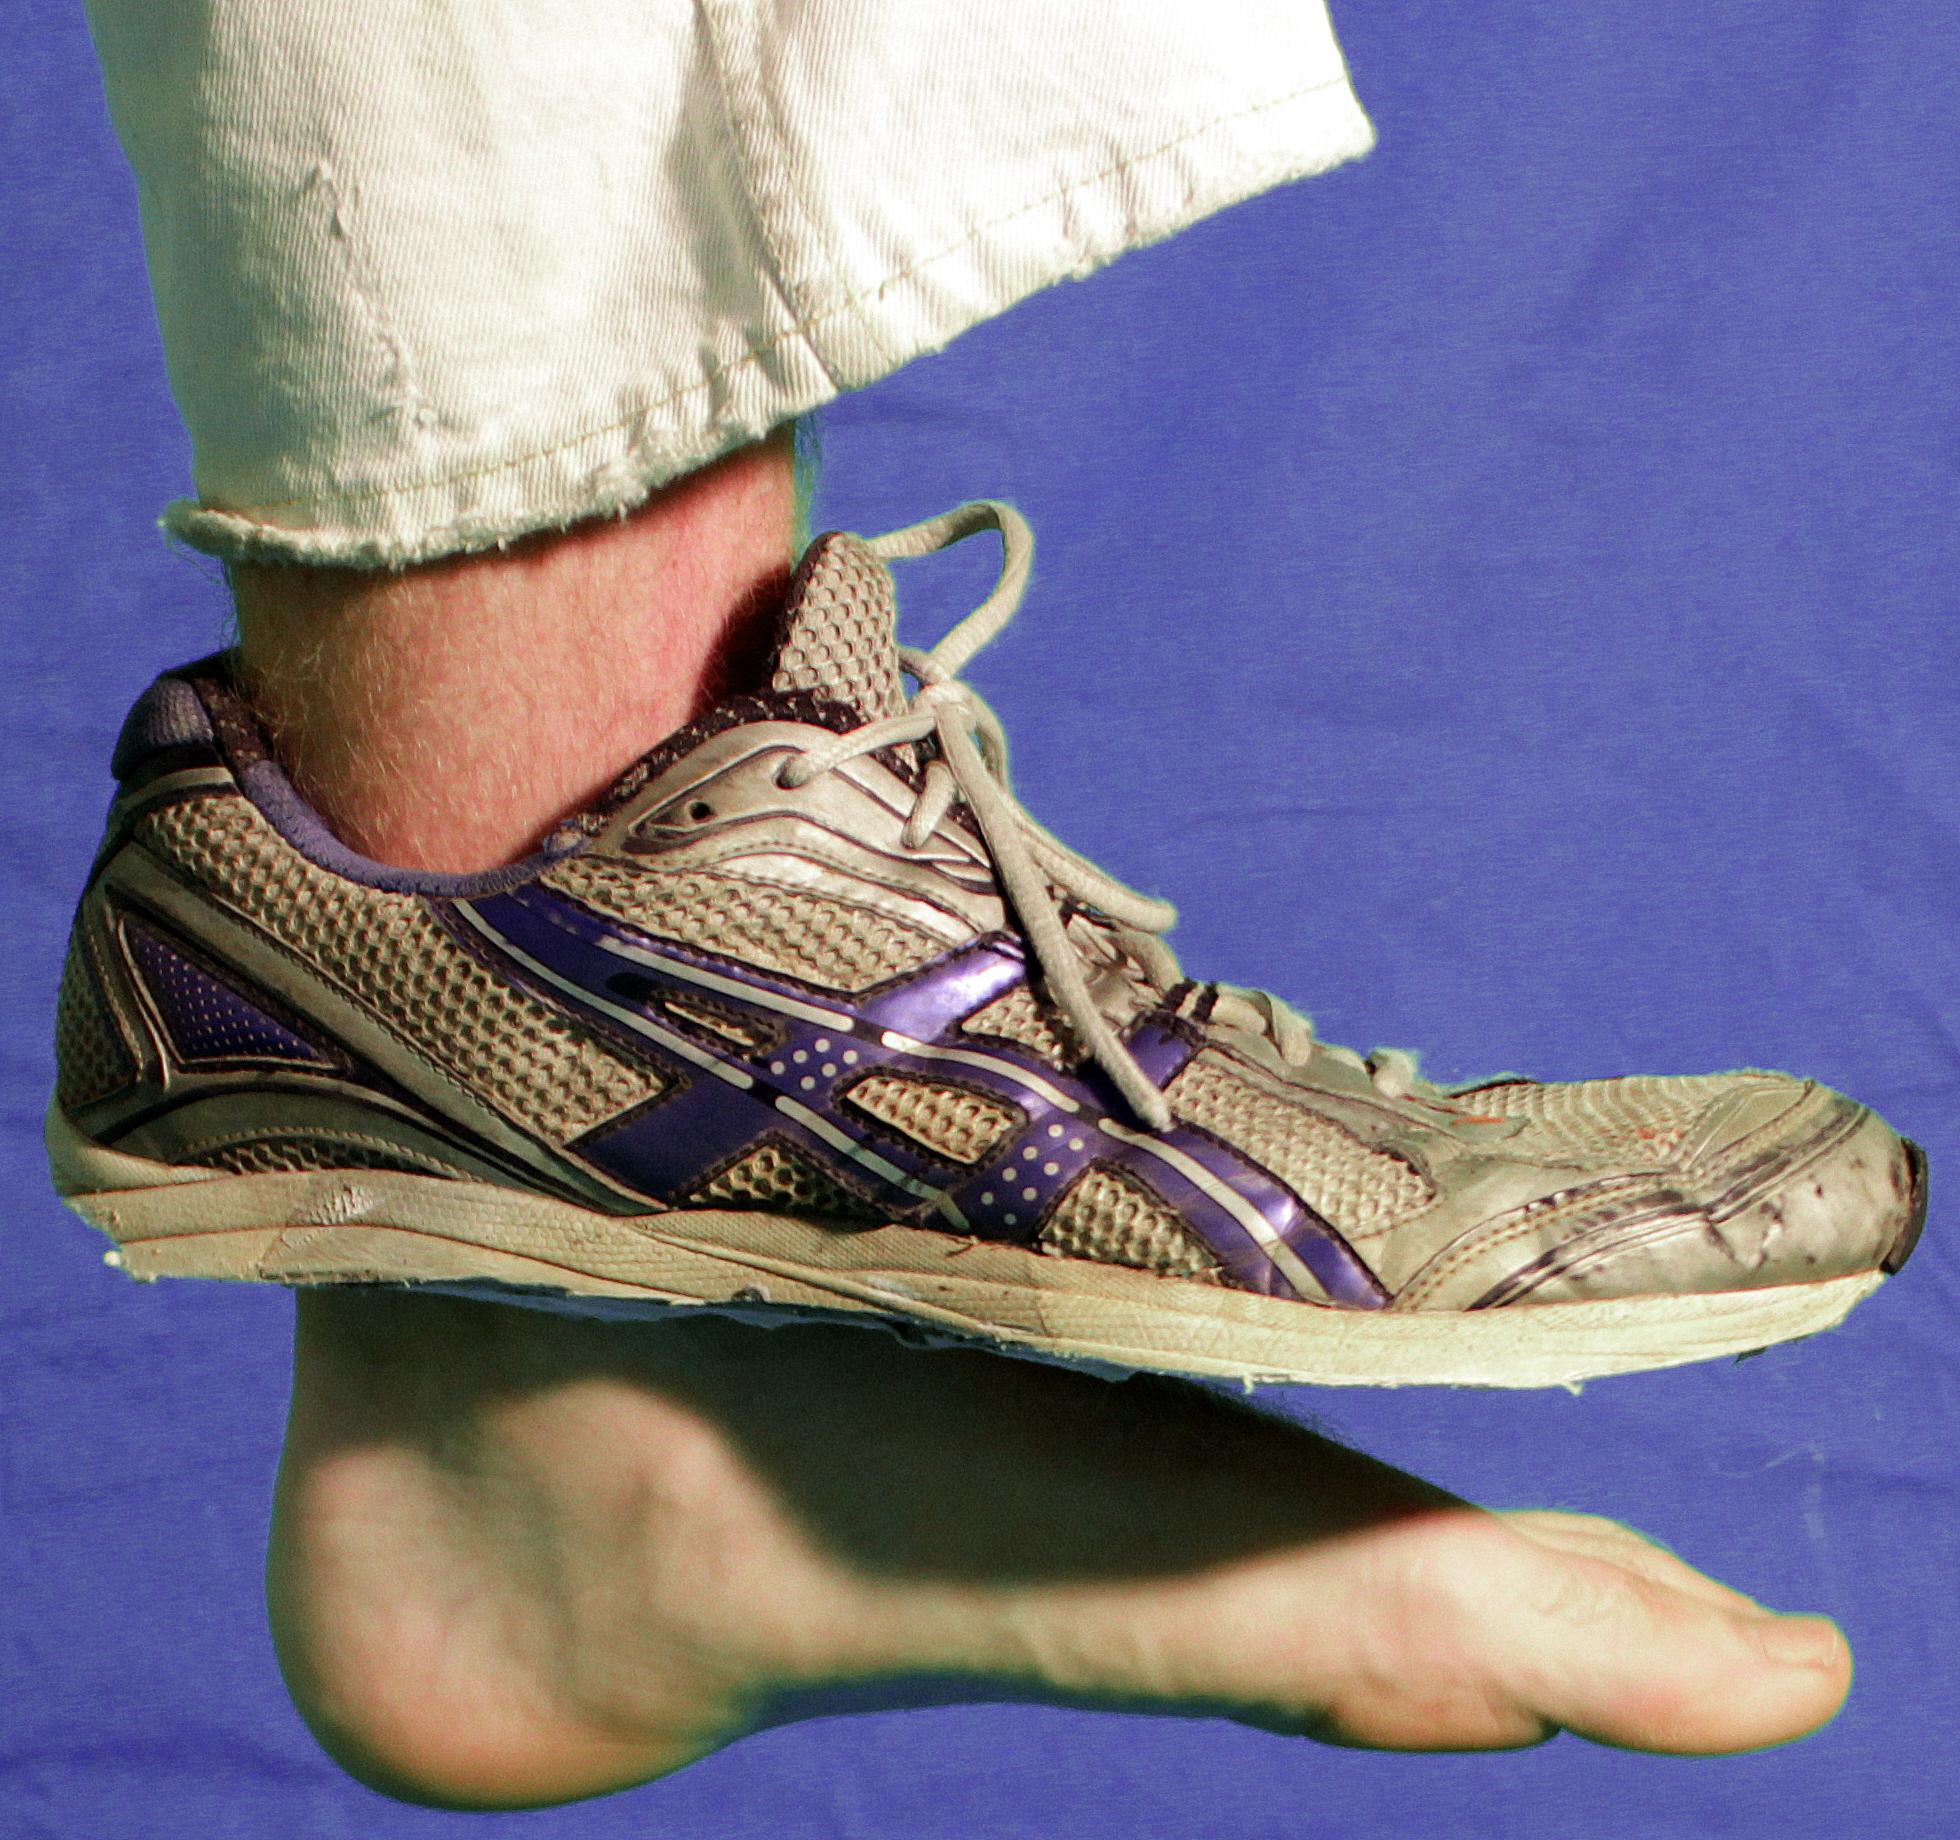 Barefoot Incognito: Hyper-minimalist